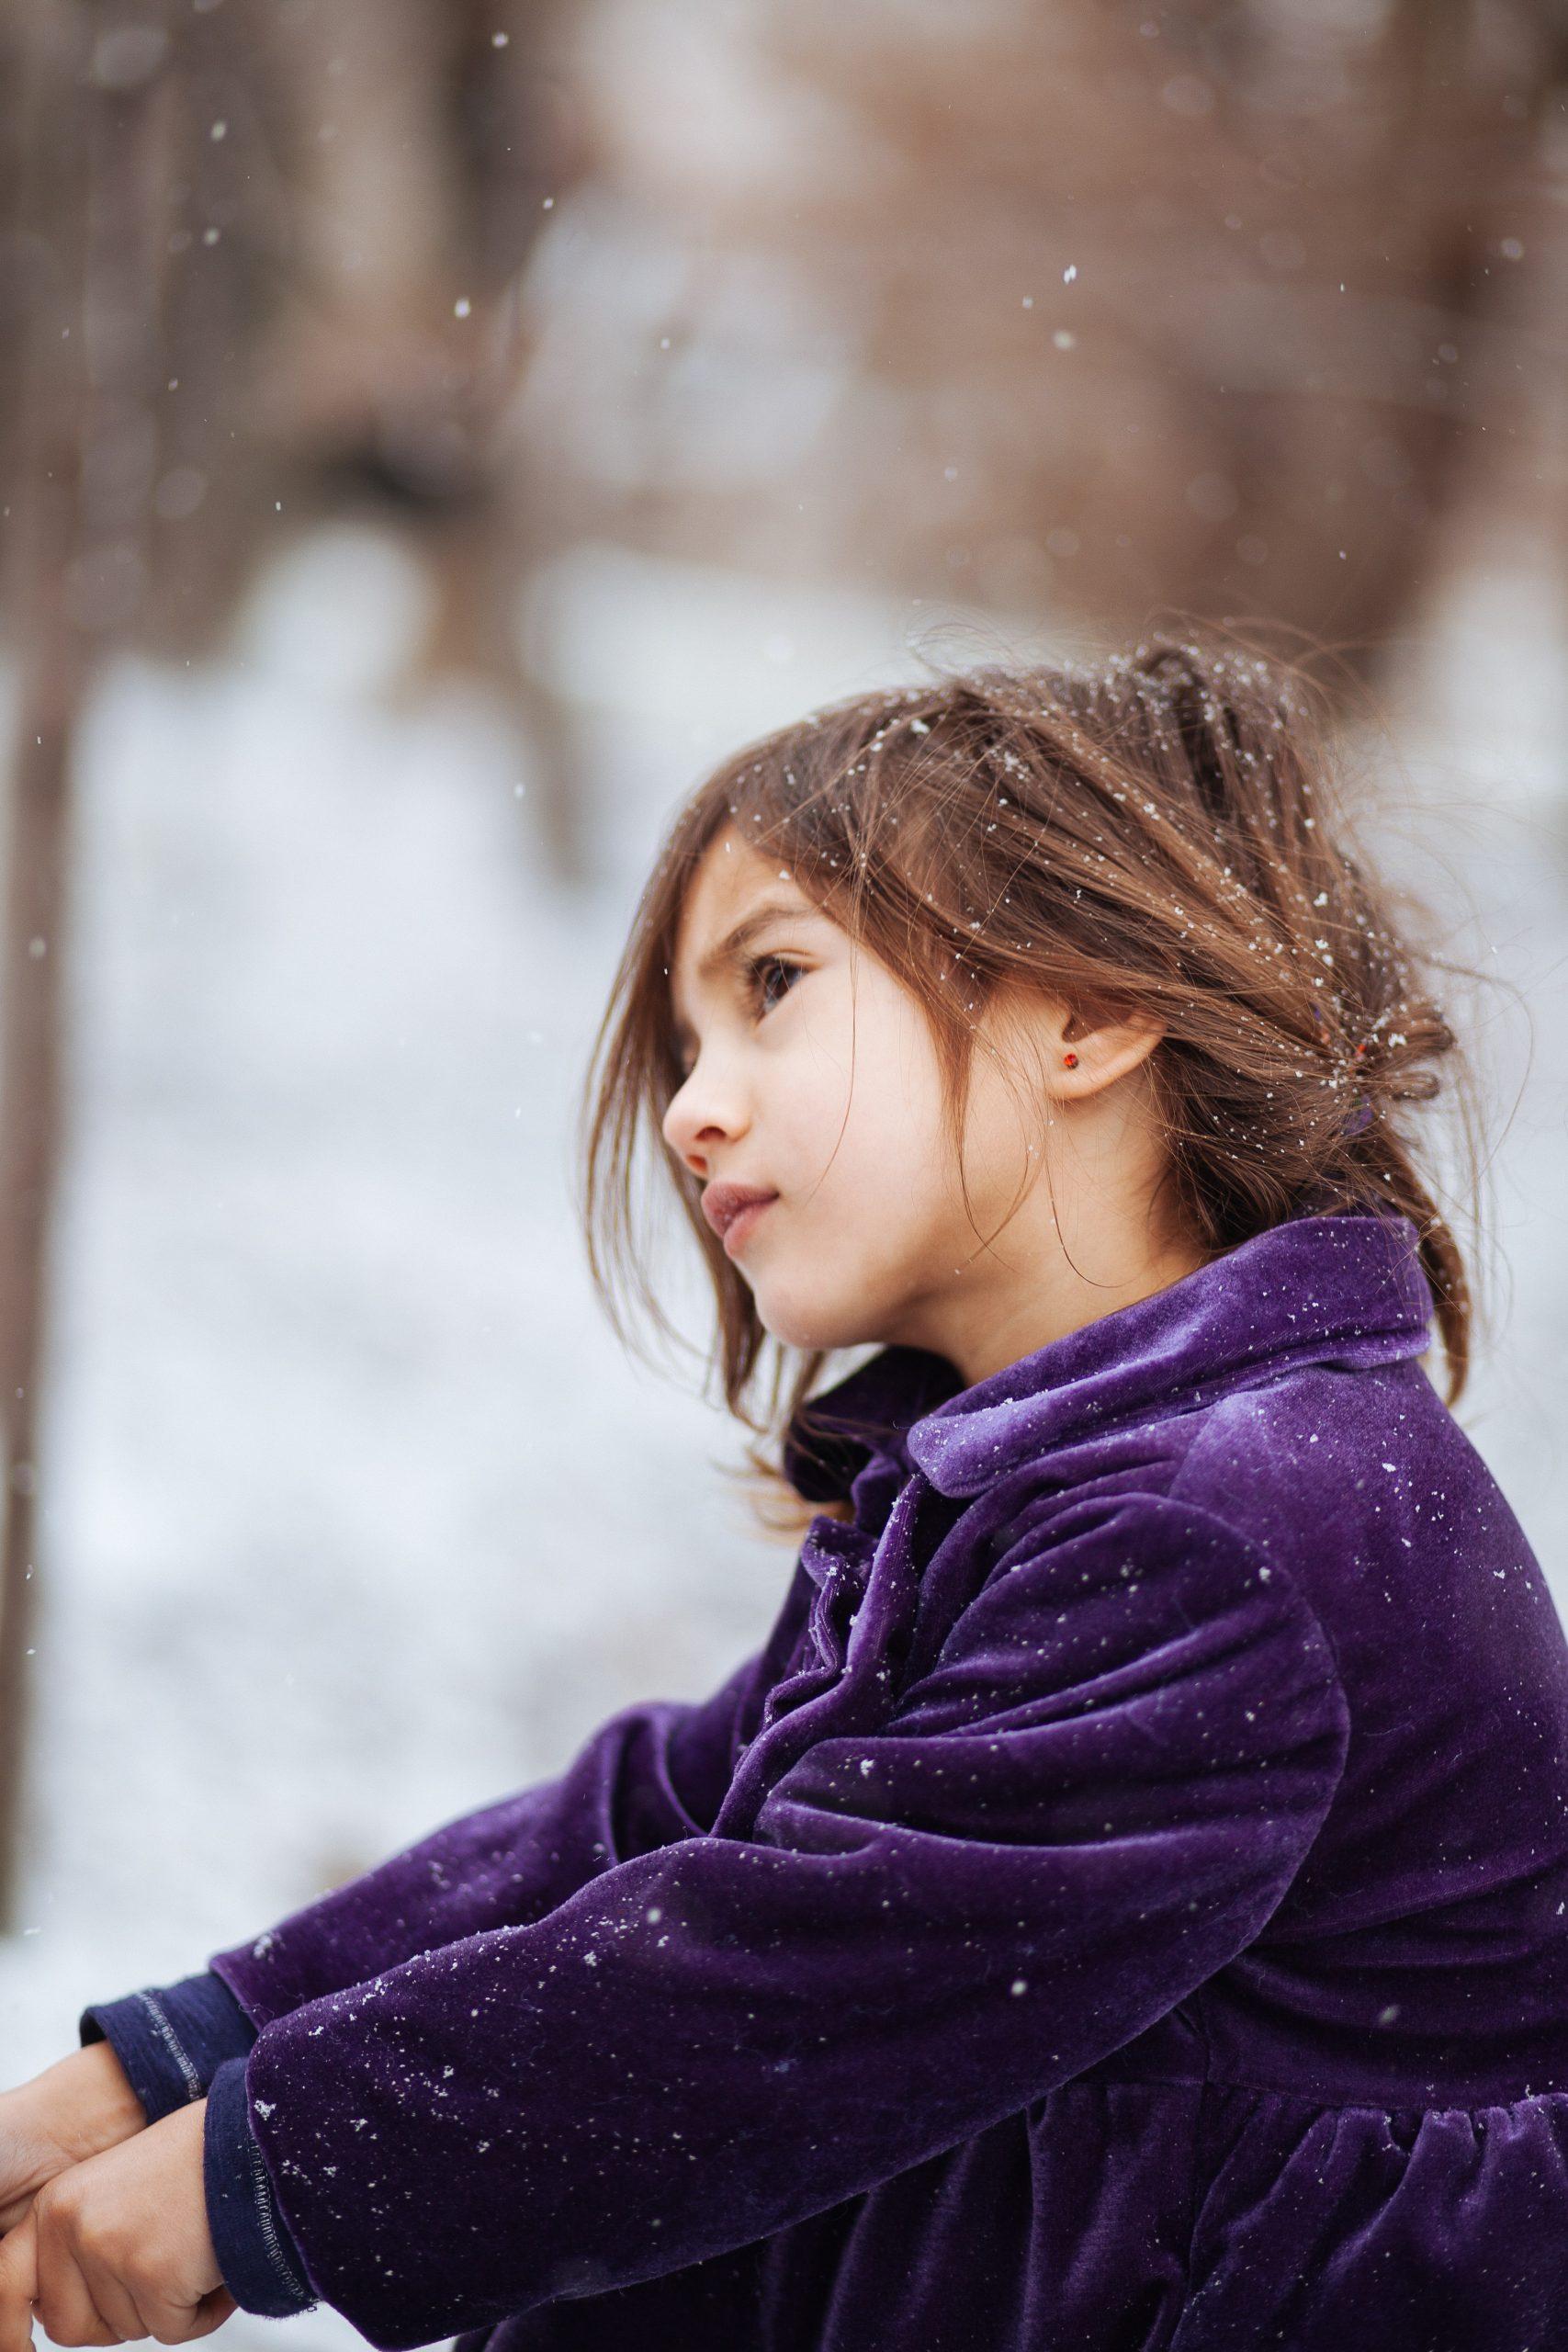 Ways to Teach Children Emotional Regulation